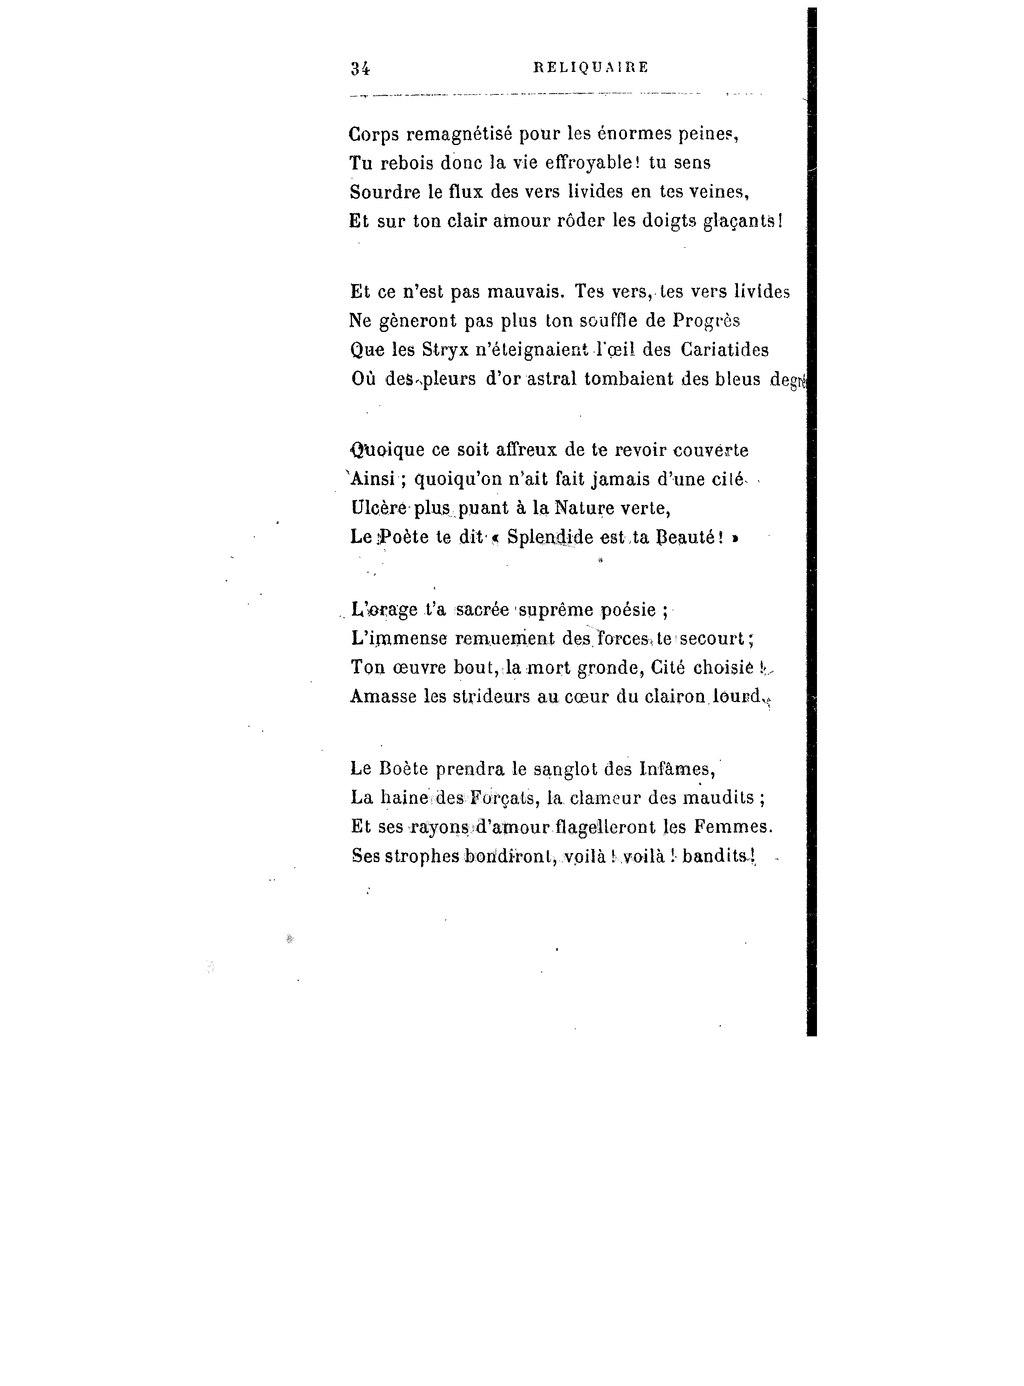 Pagerimbaud Poésies Complètes Vanier 1895djvu56